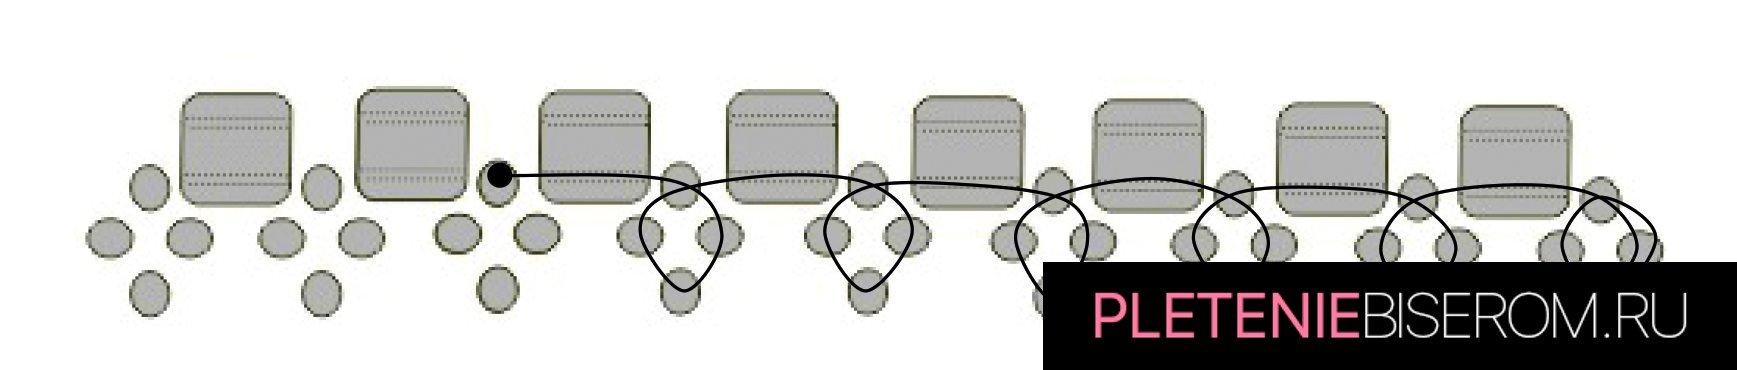 Стильные серьги из бисера: схема плетения 4